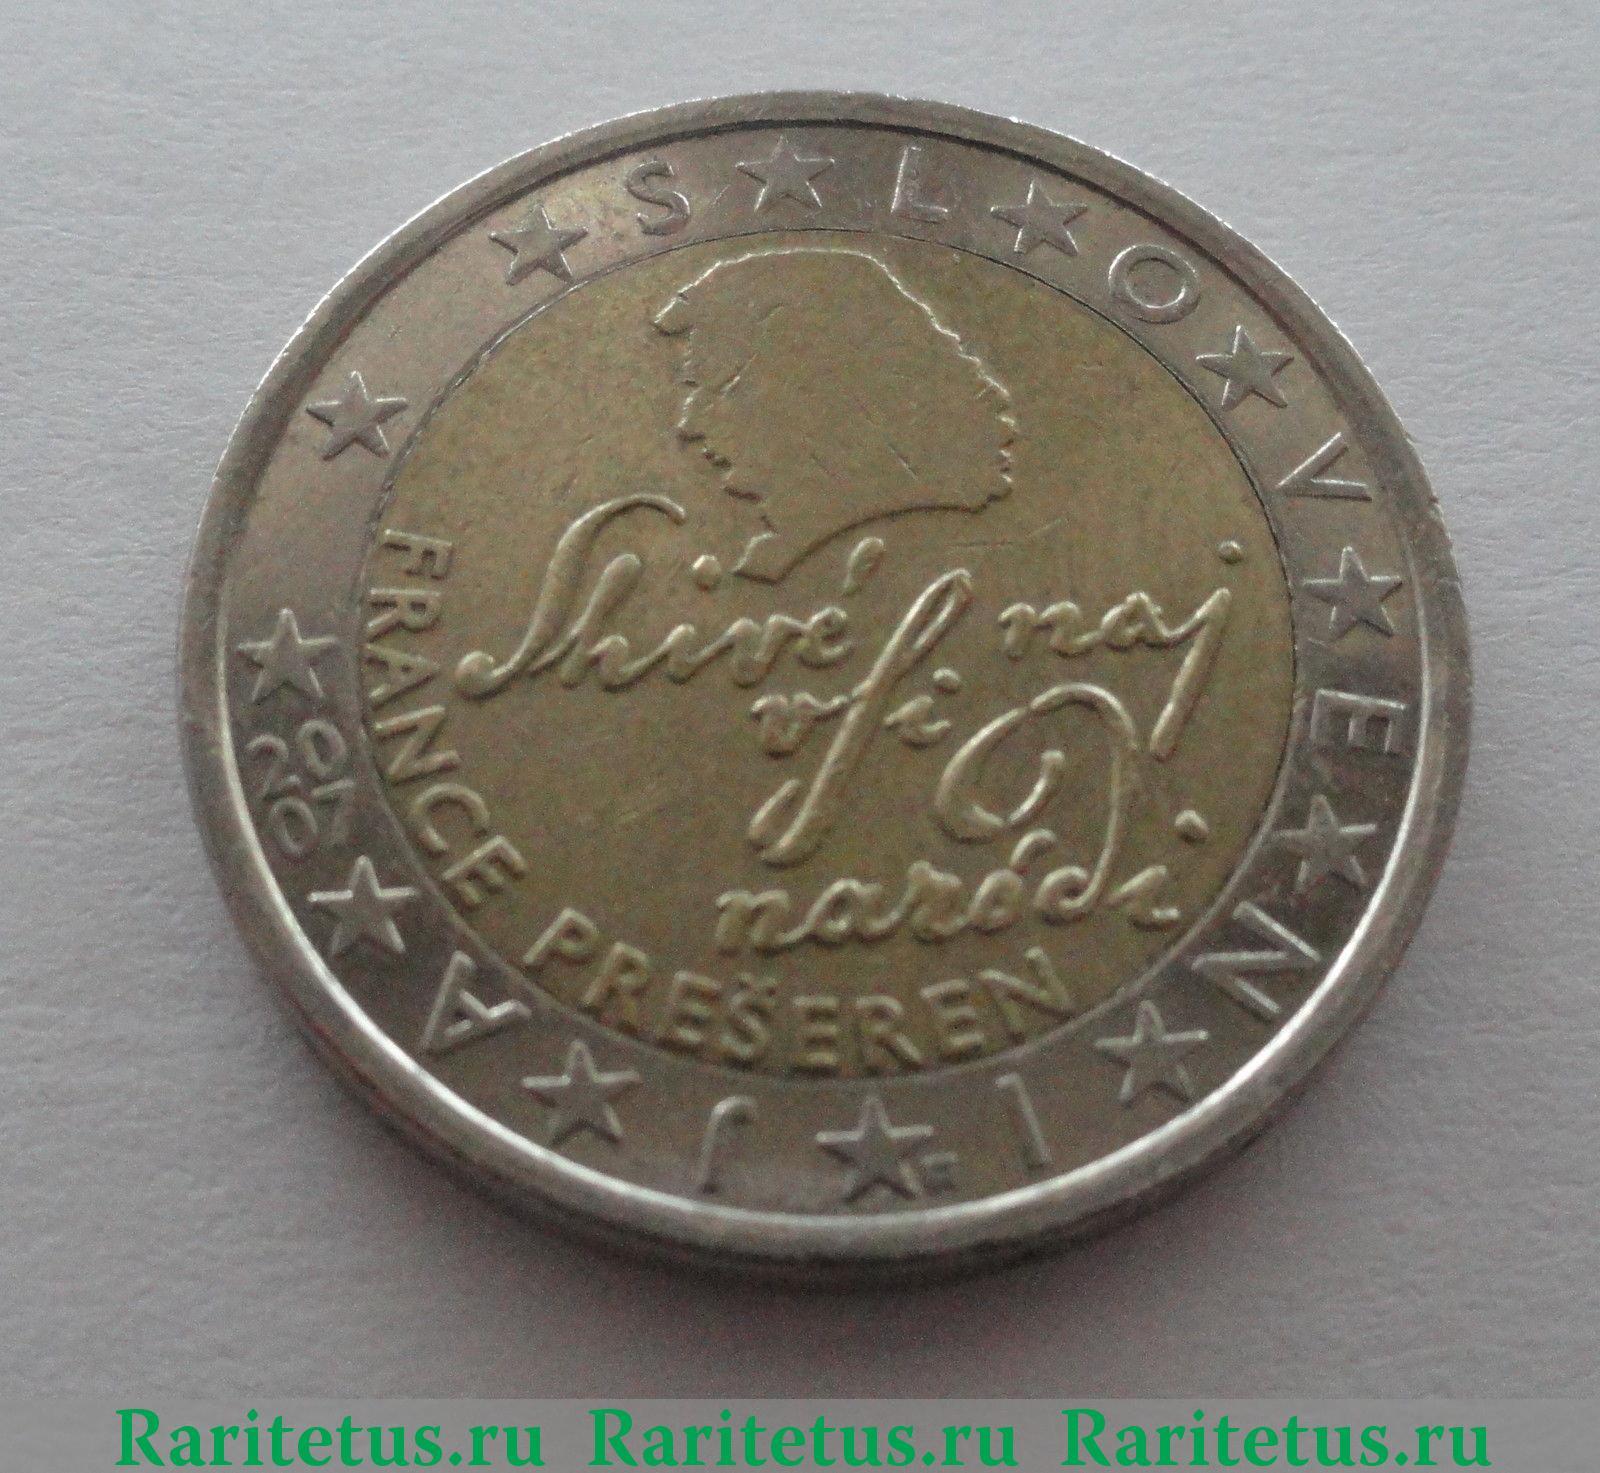 цена монеты 2 евро Euro 2007 года словения стоимость по